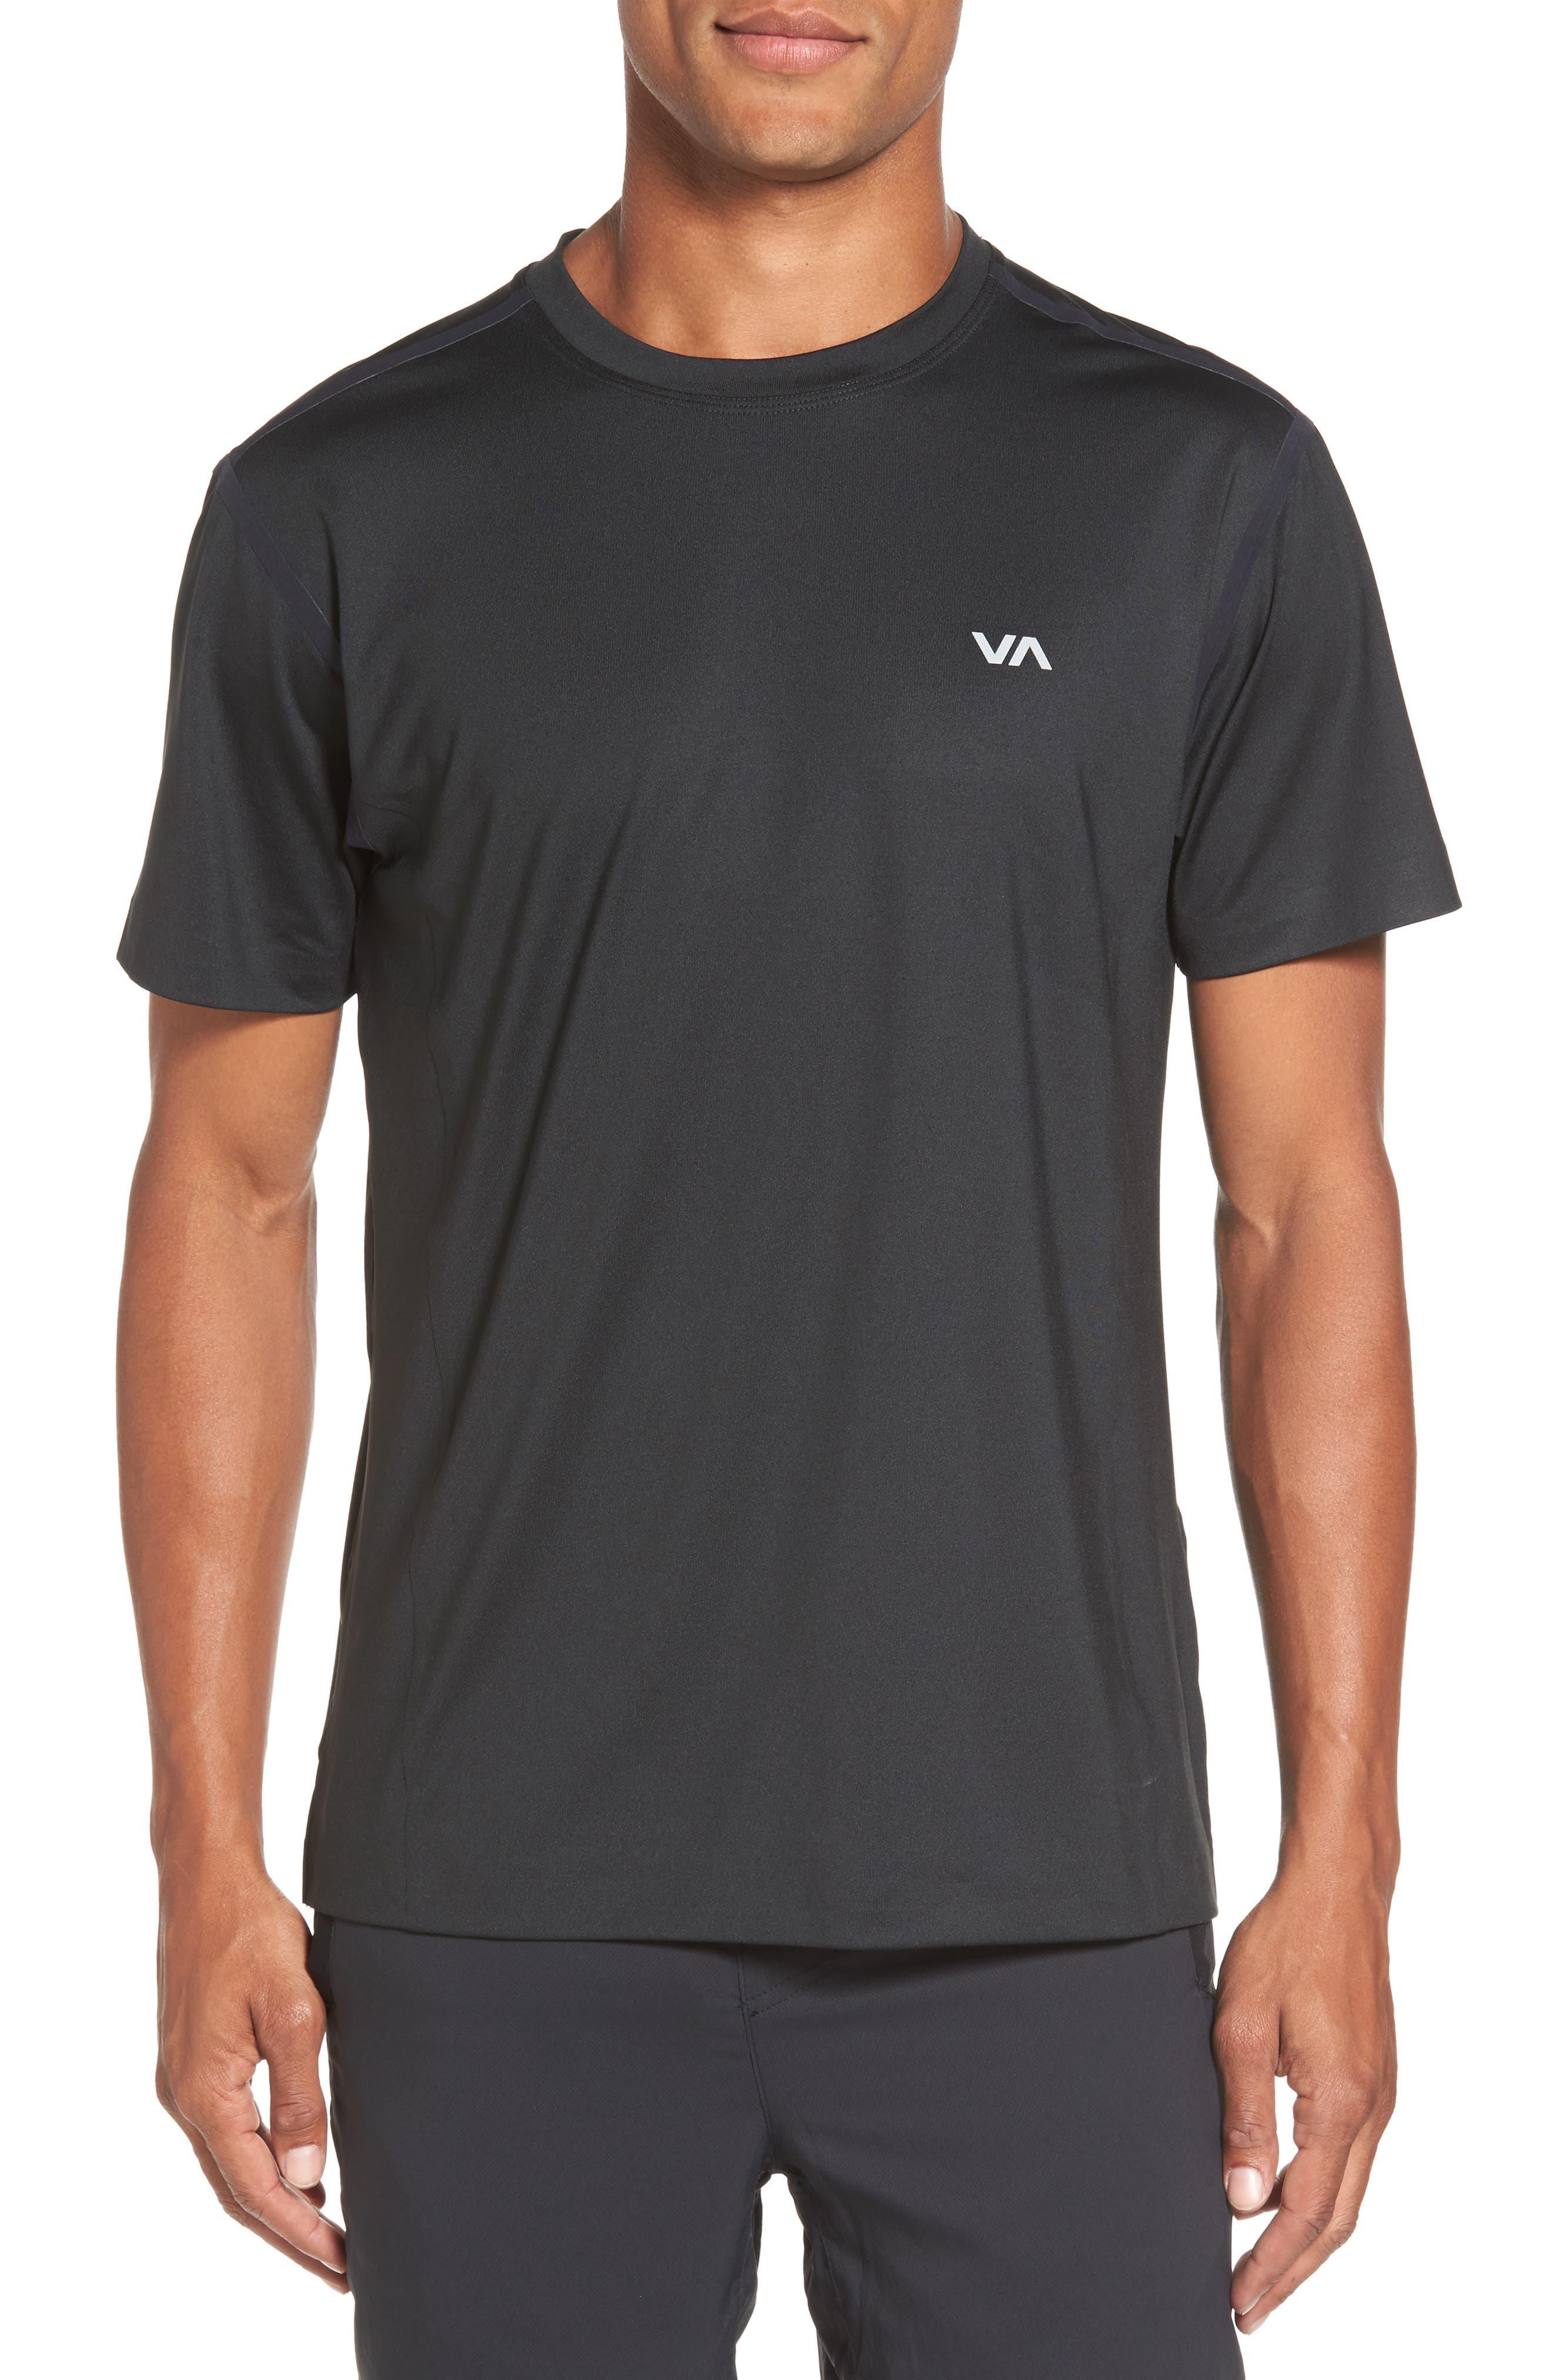 VA Compression T-Shirt,                             Main thumbnail 1, color,                             001